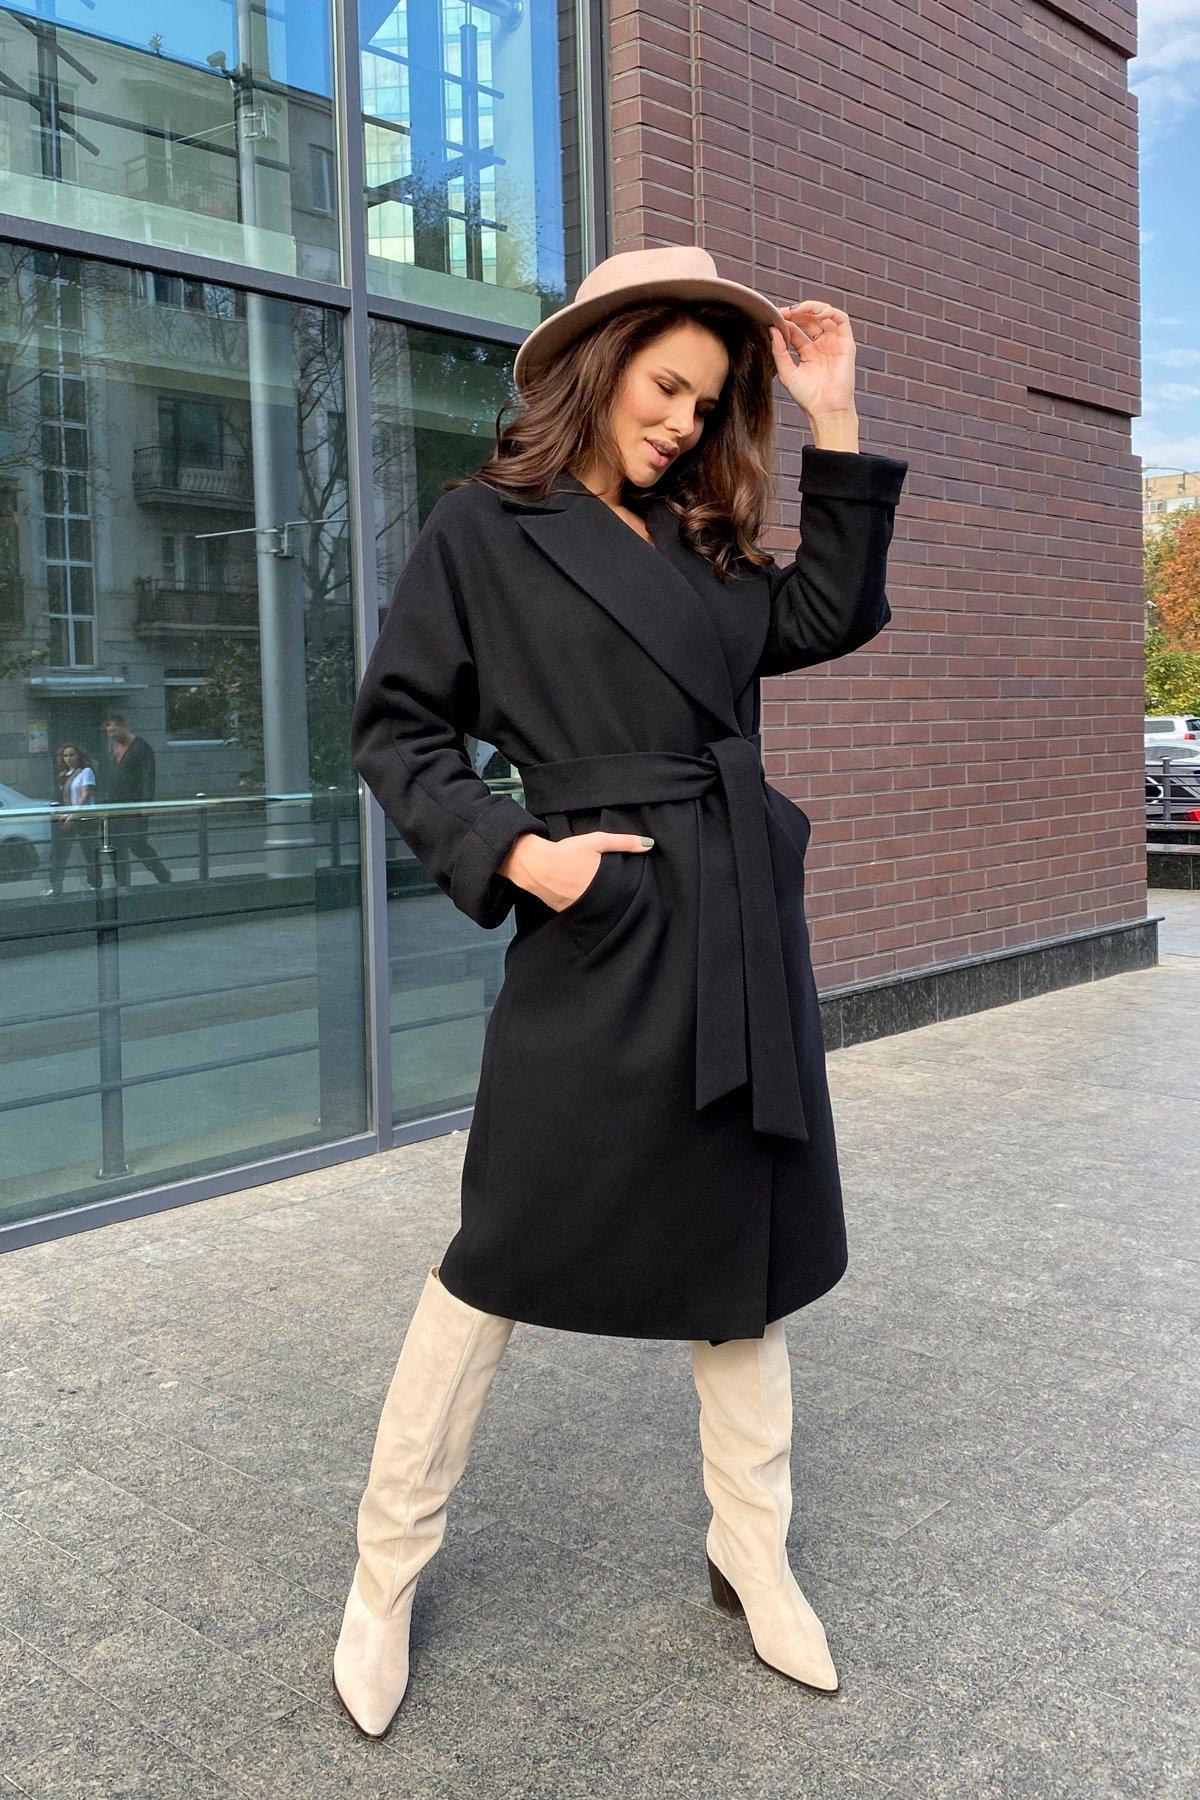 Влада памела пальто из кашемира 9962 АРТ. 46250 Цвет: Черный - фото 6, интернет магазин tm-modus.ru